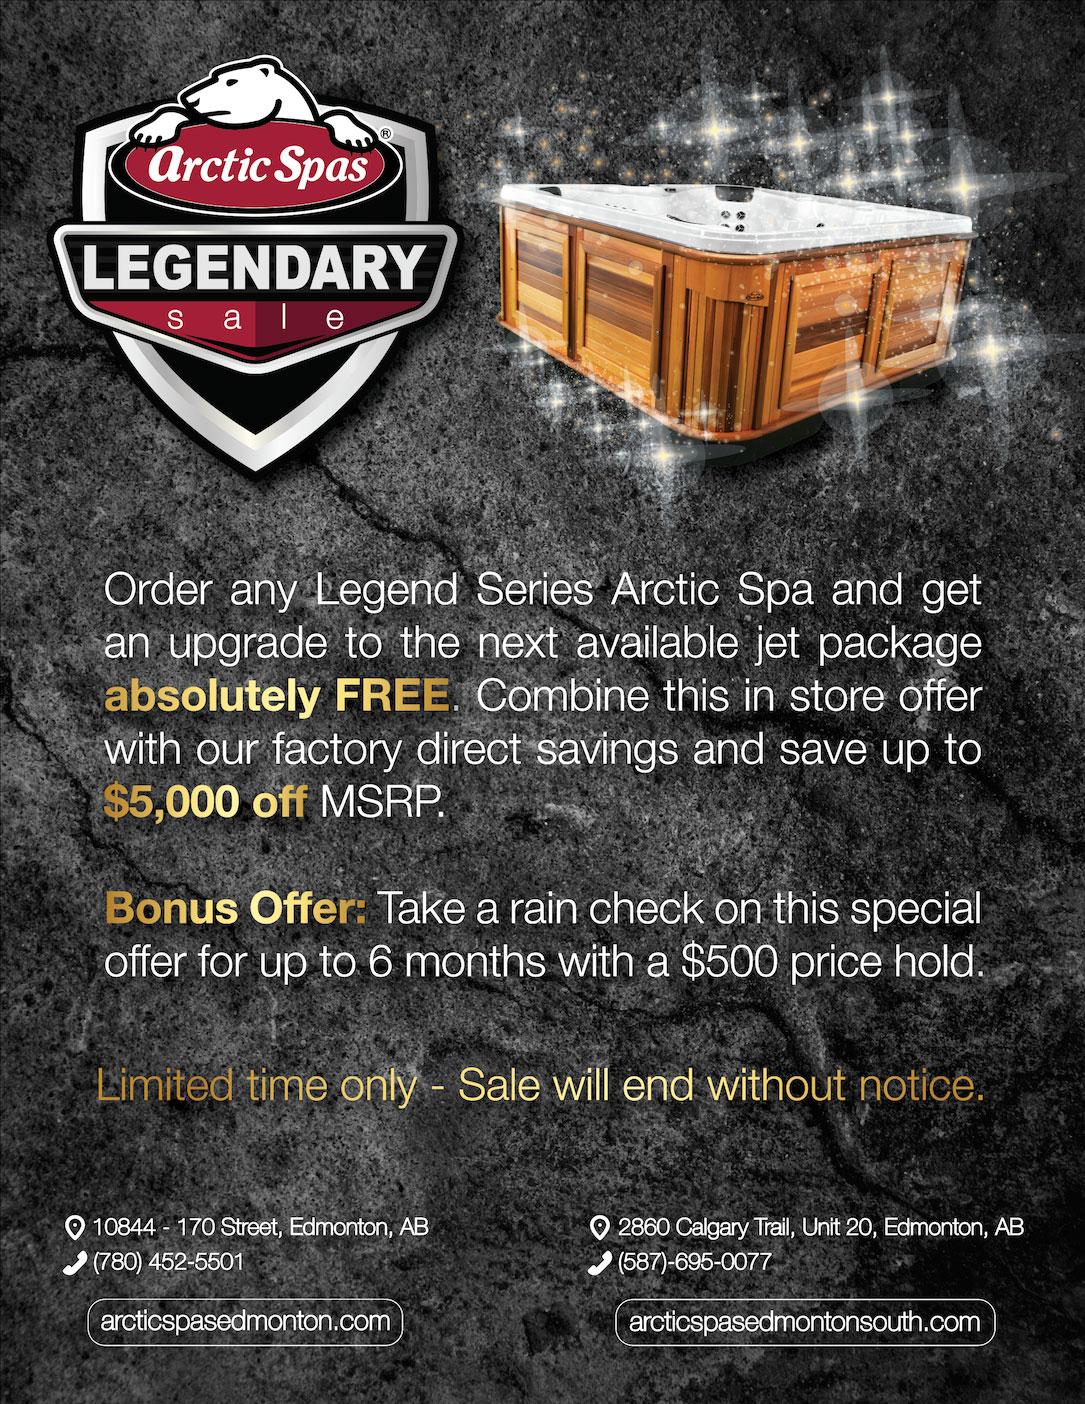 arctic spas – legendary sale!